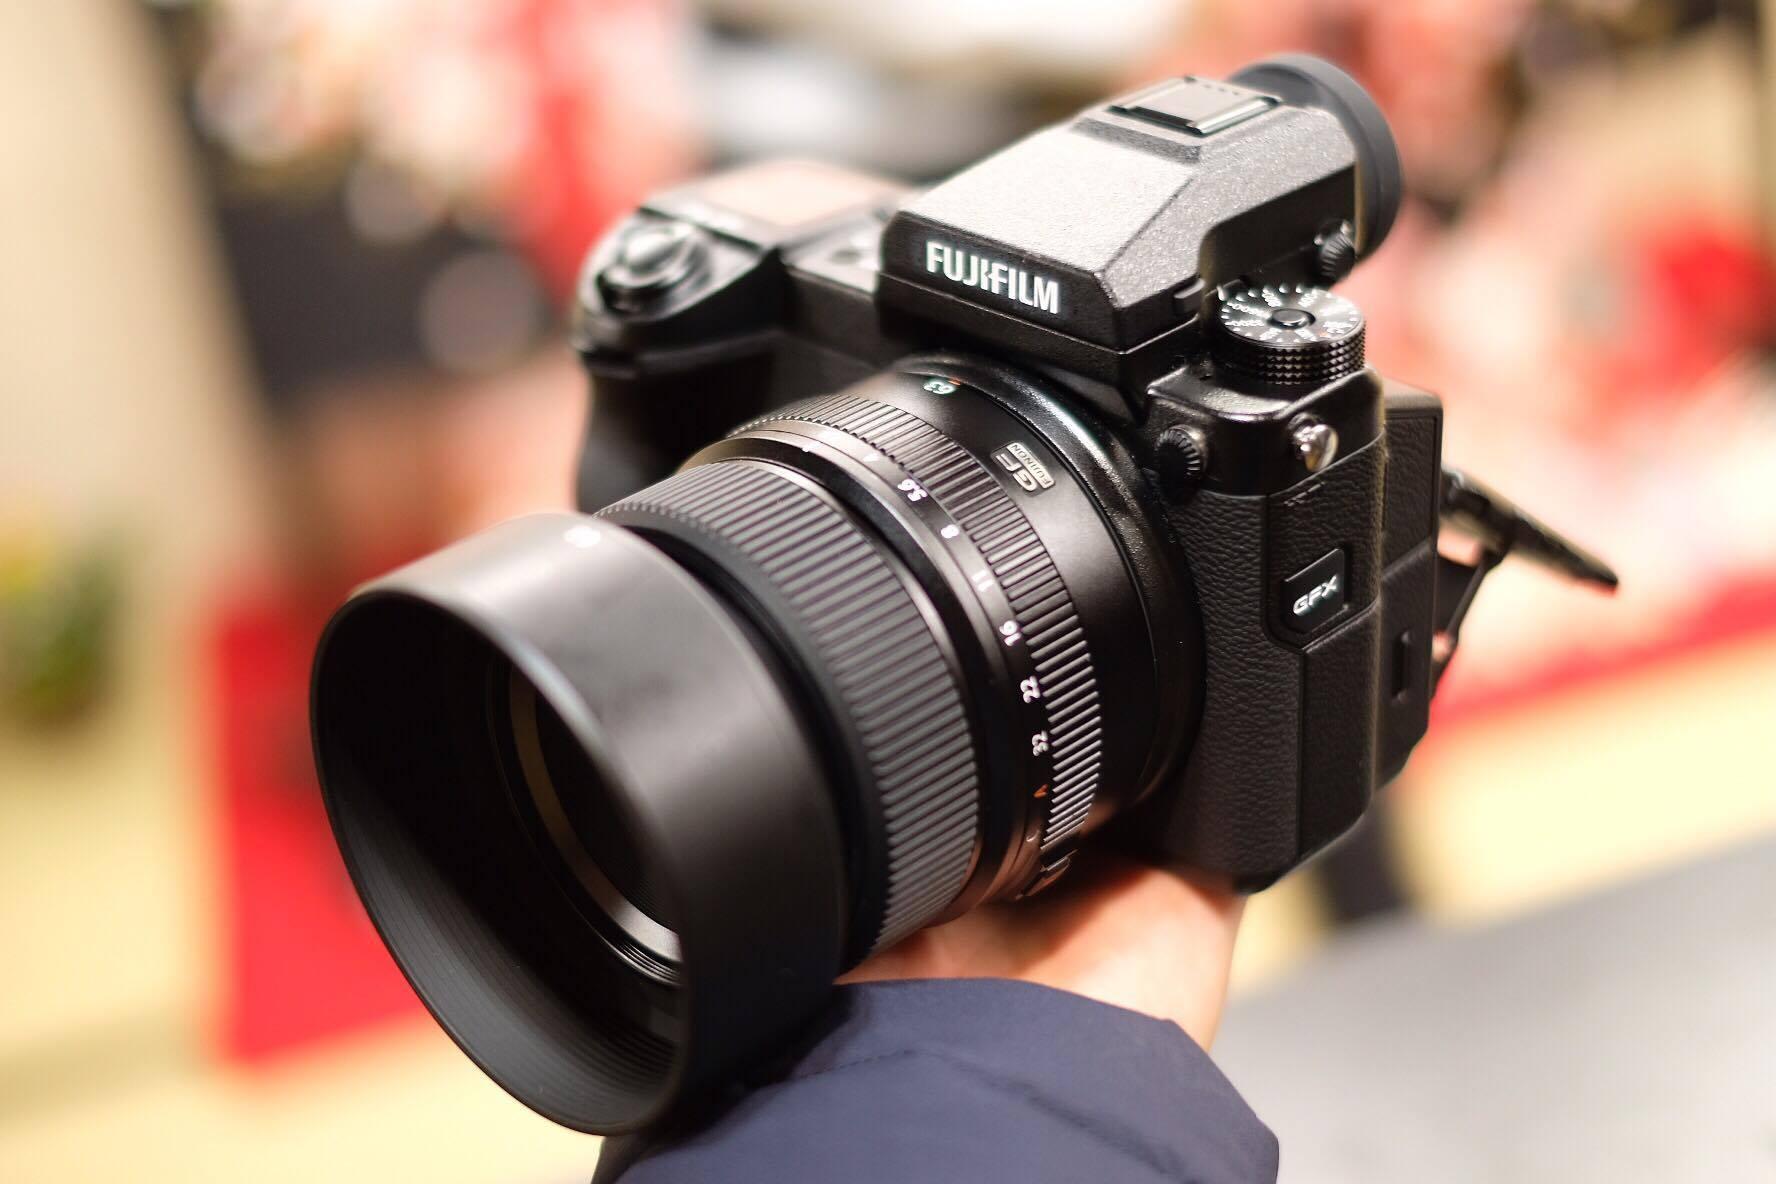 Trên tay Fujifilm GFX 50S, máy ảnh sở hữu cảm biến Medium Format đầu tiên - 1